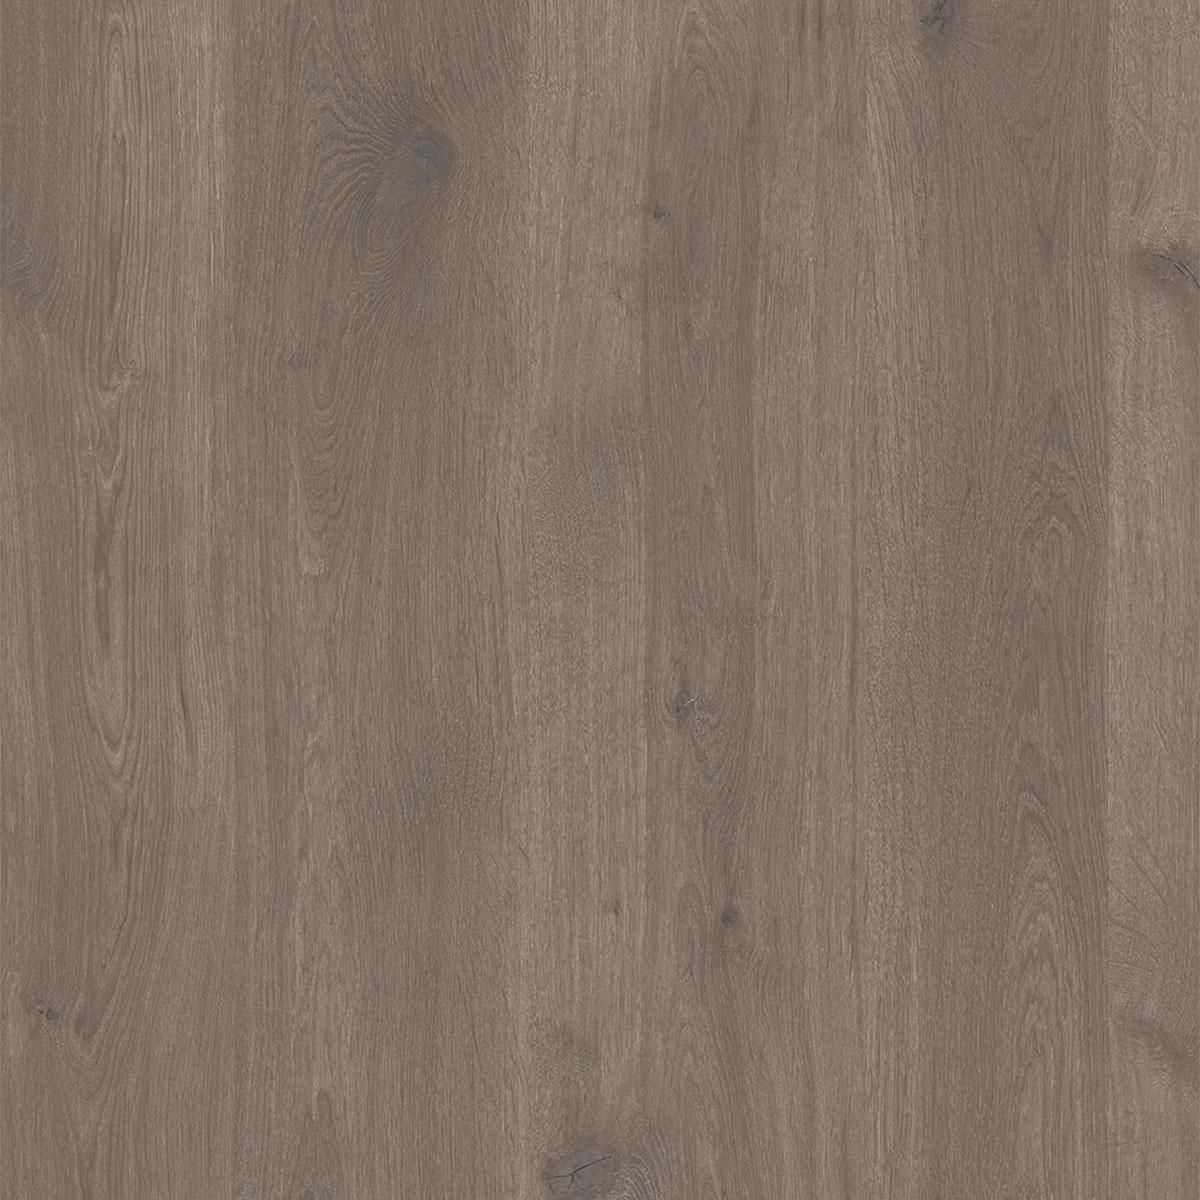 HF1841 Tabak Oak